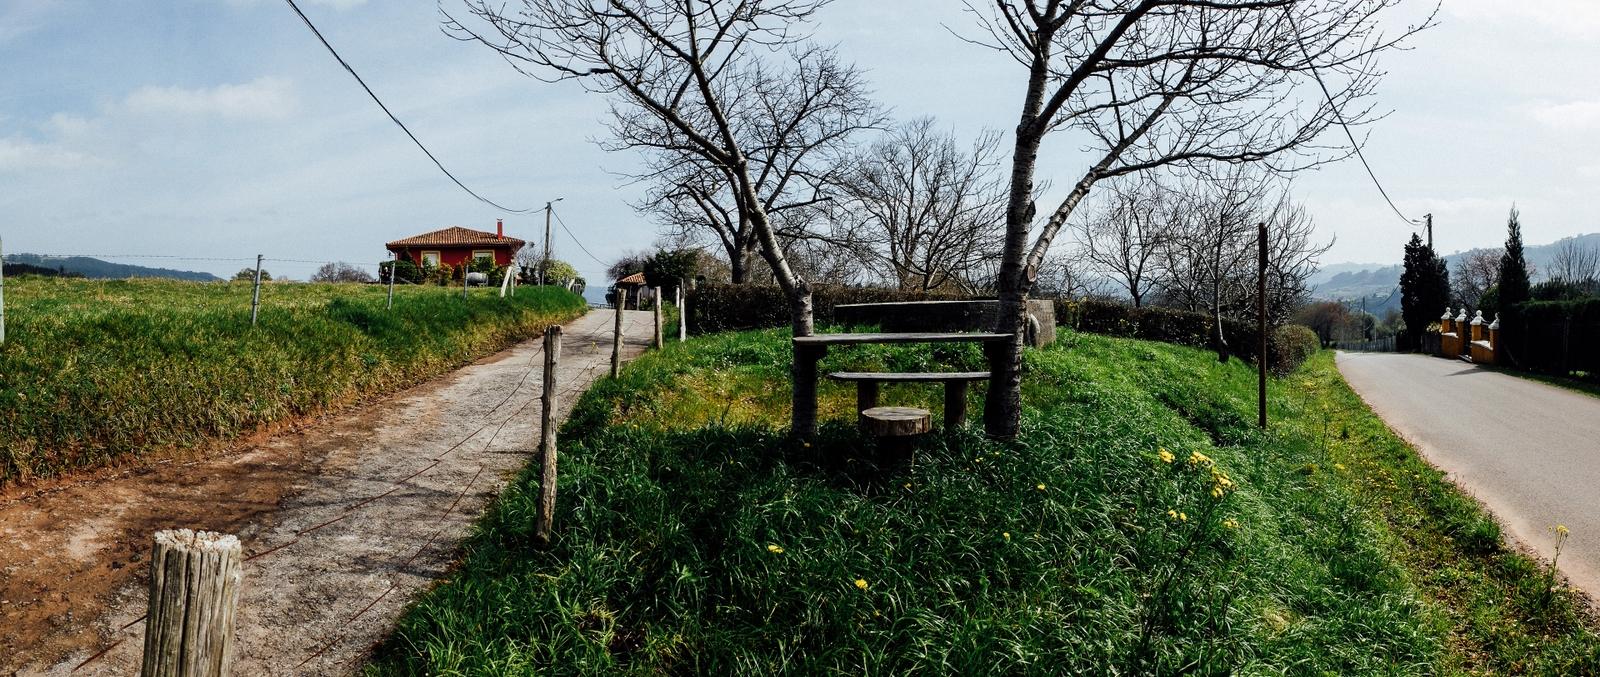 Jakobsweg - Camino del Norte (204)